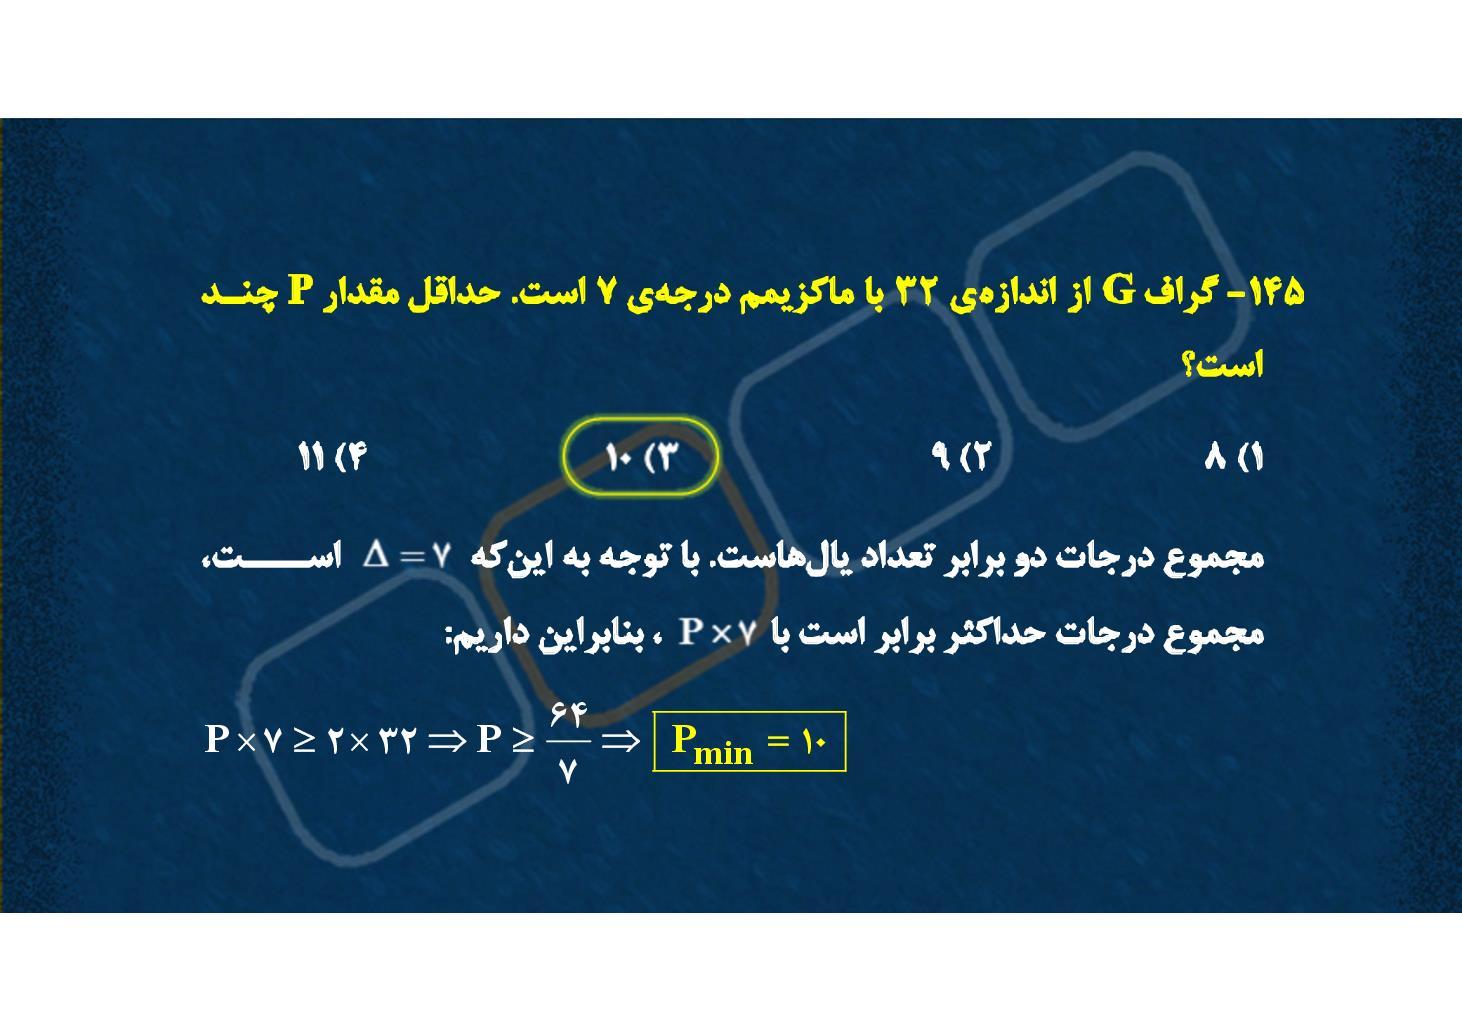 مفاهیم مرتبه؛ اندازه؛ مسیر و دور - 4 (PDF)